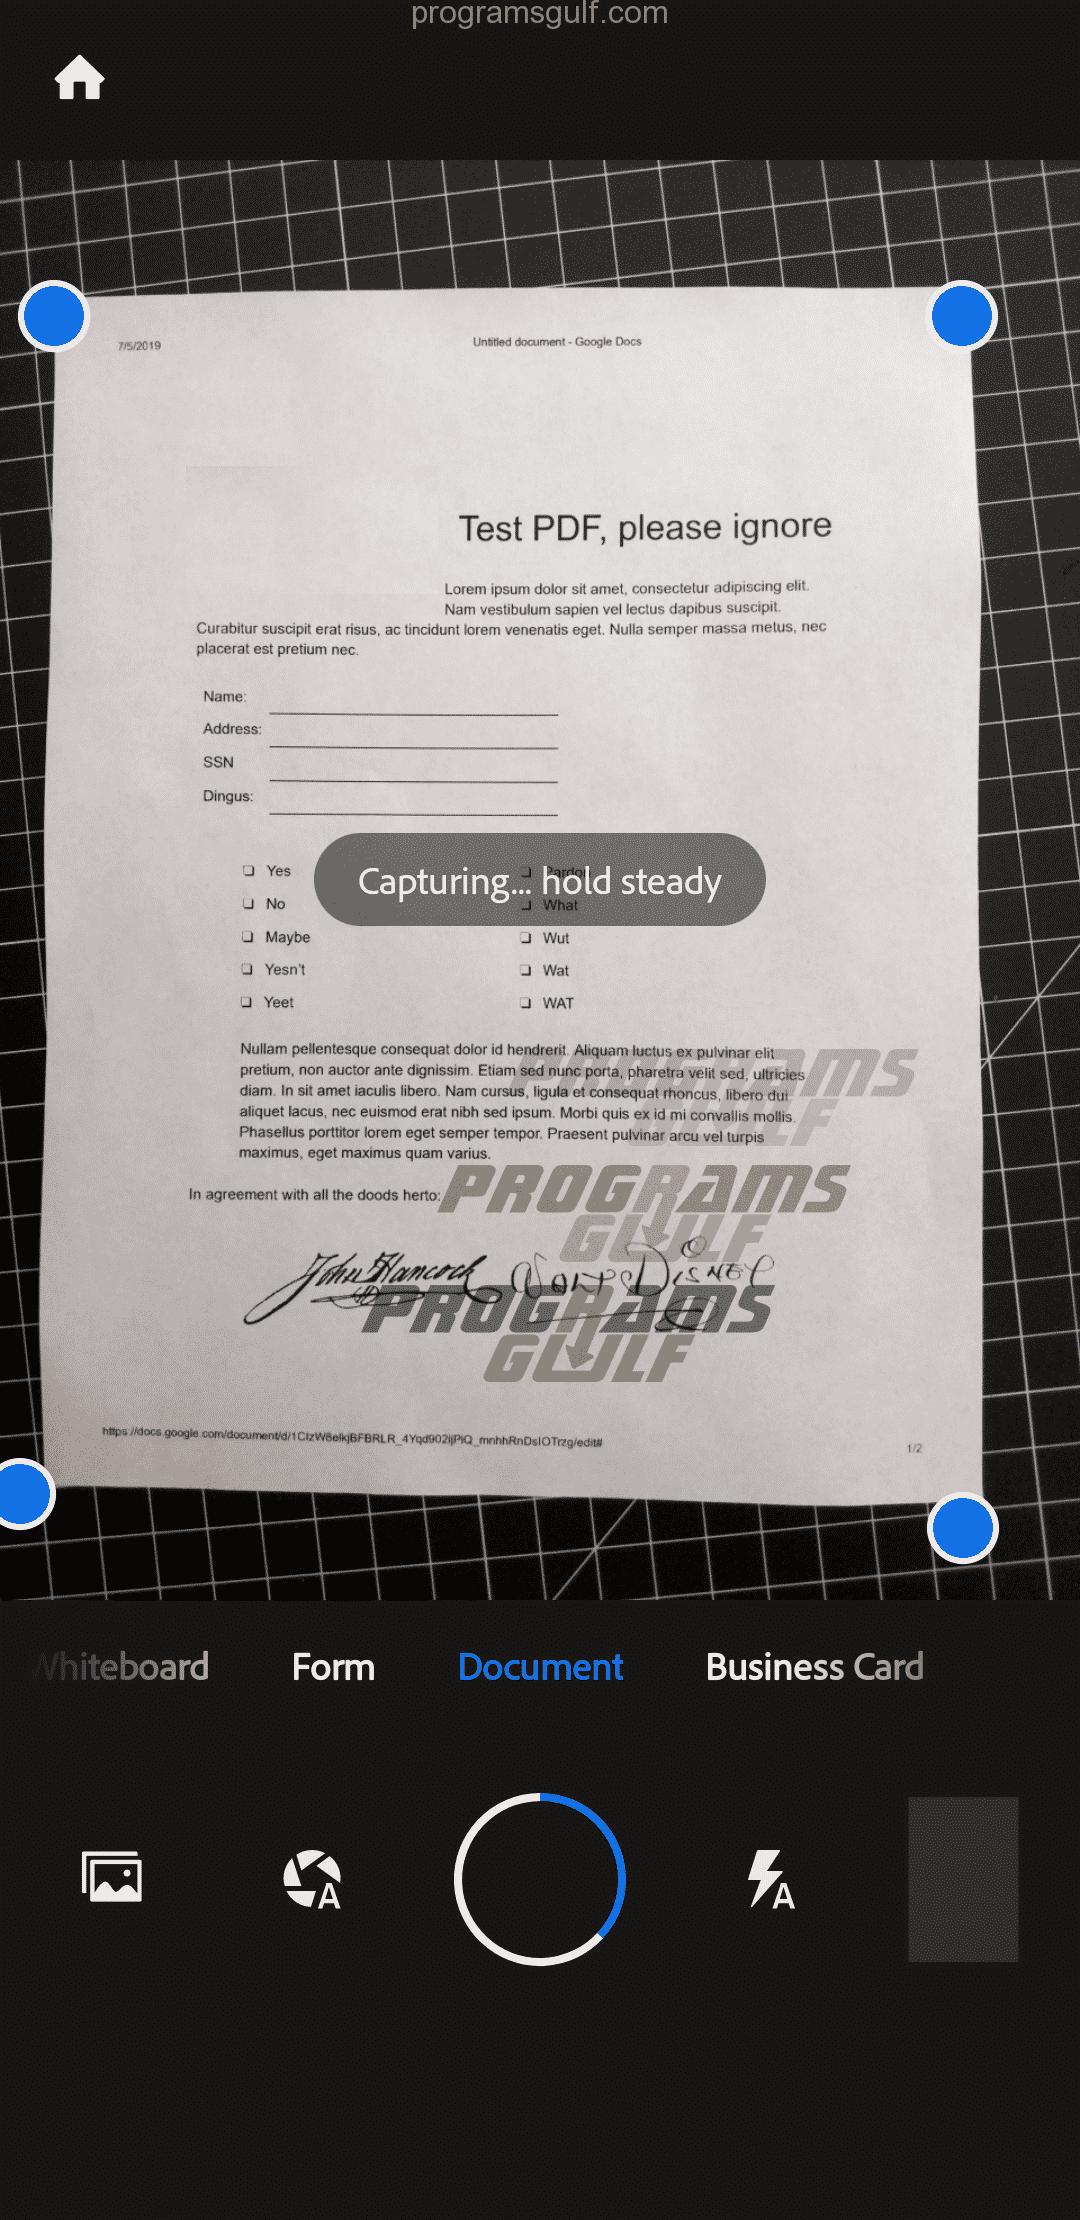 كيفية العمل مع تطبيق Adobe Scan لإنشاء ملف PDF؟